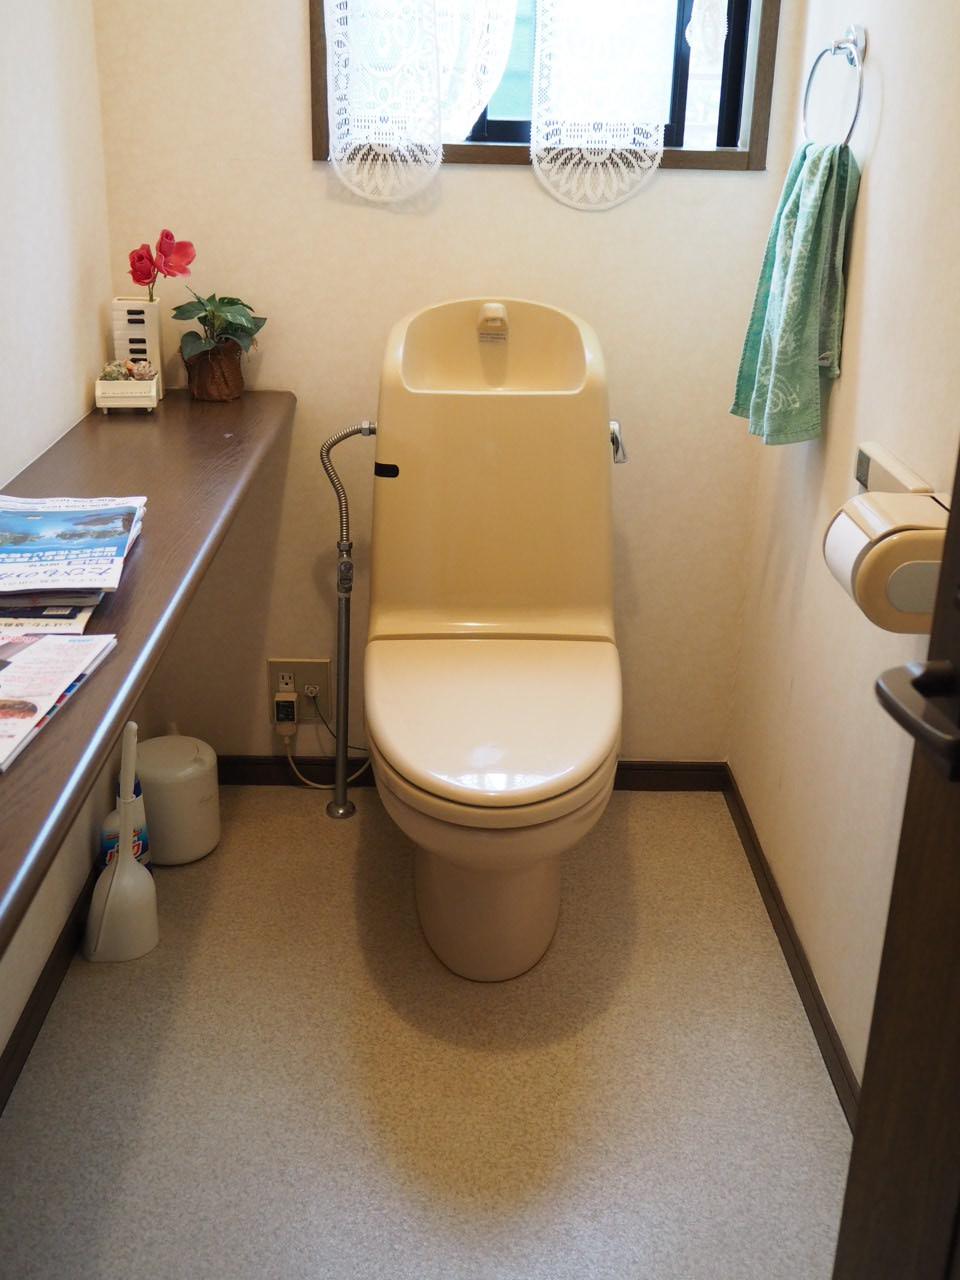 河内長野市 LIXIL ベーシア一体型便器 トイレ化工事 施工前